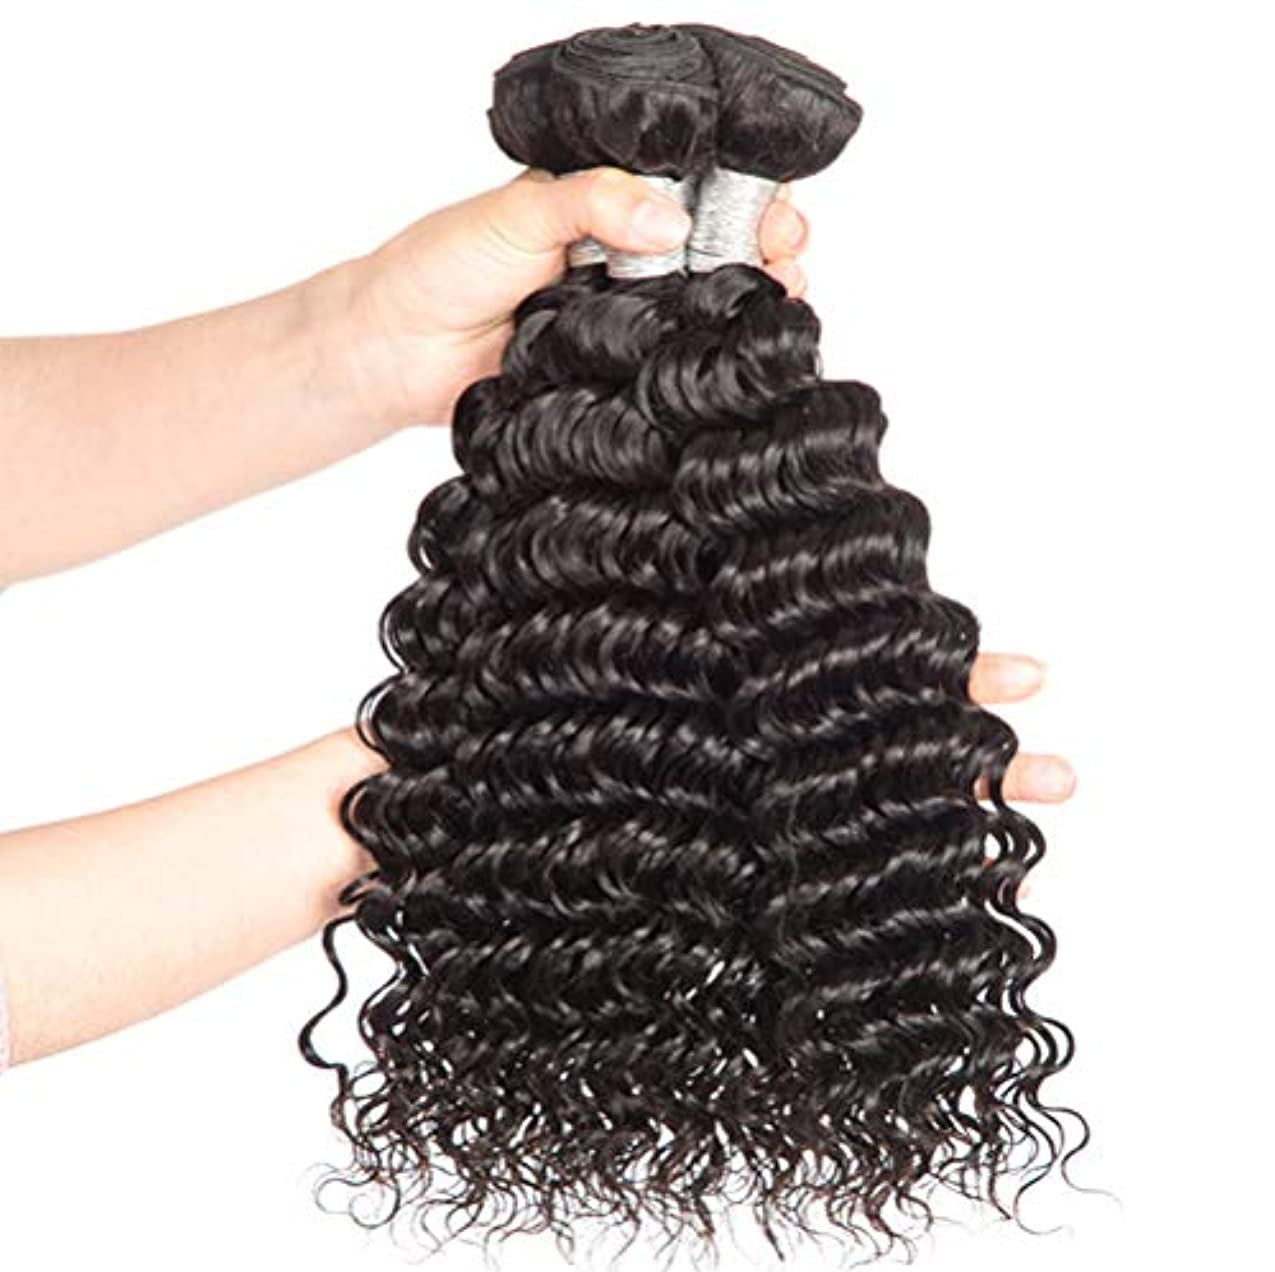 害虫指令骨女性150%密度髪織り未処理のブラジルの深い巻き毛の束本物の人間の髪の束バージンブラジルの髪の束